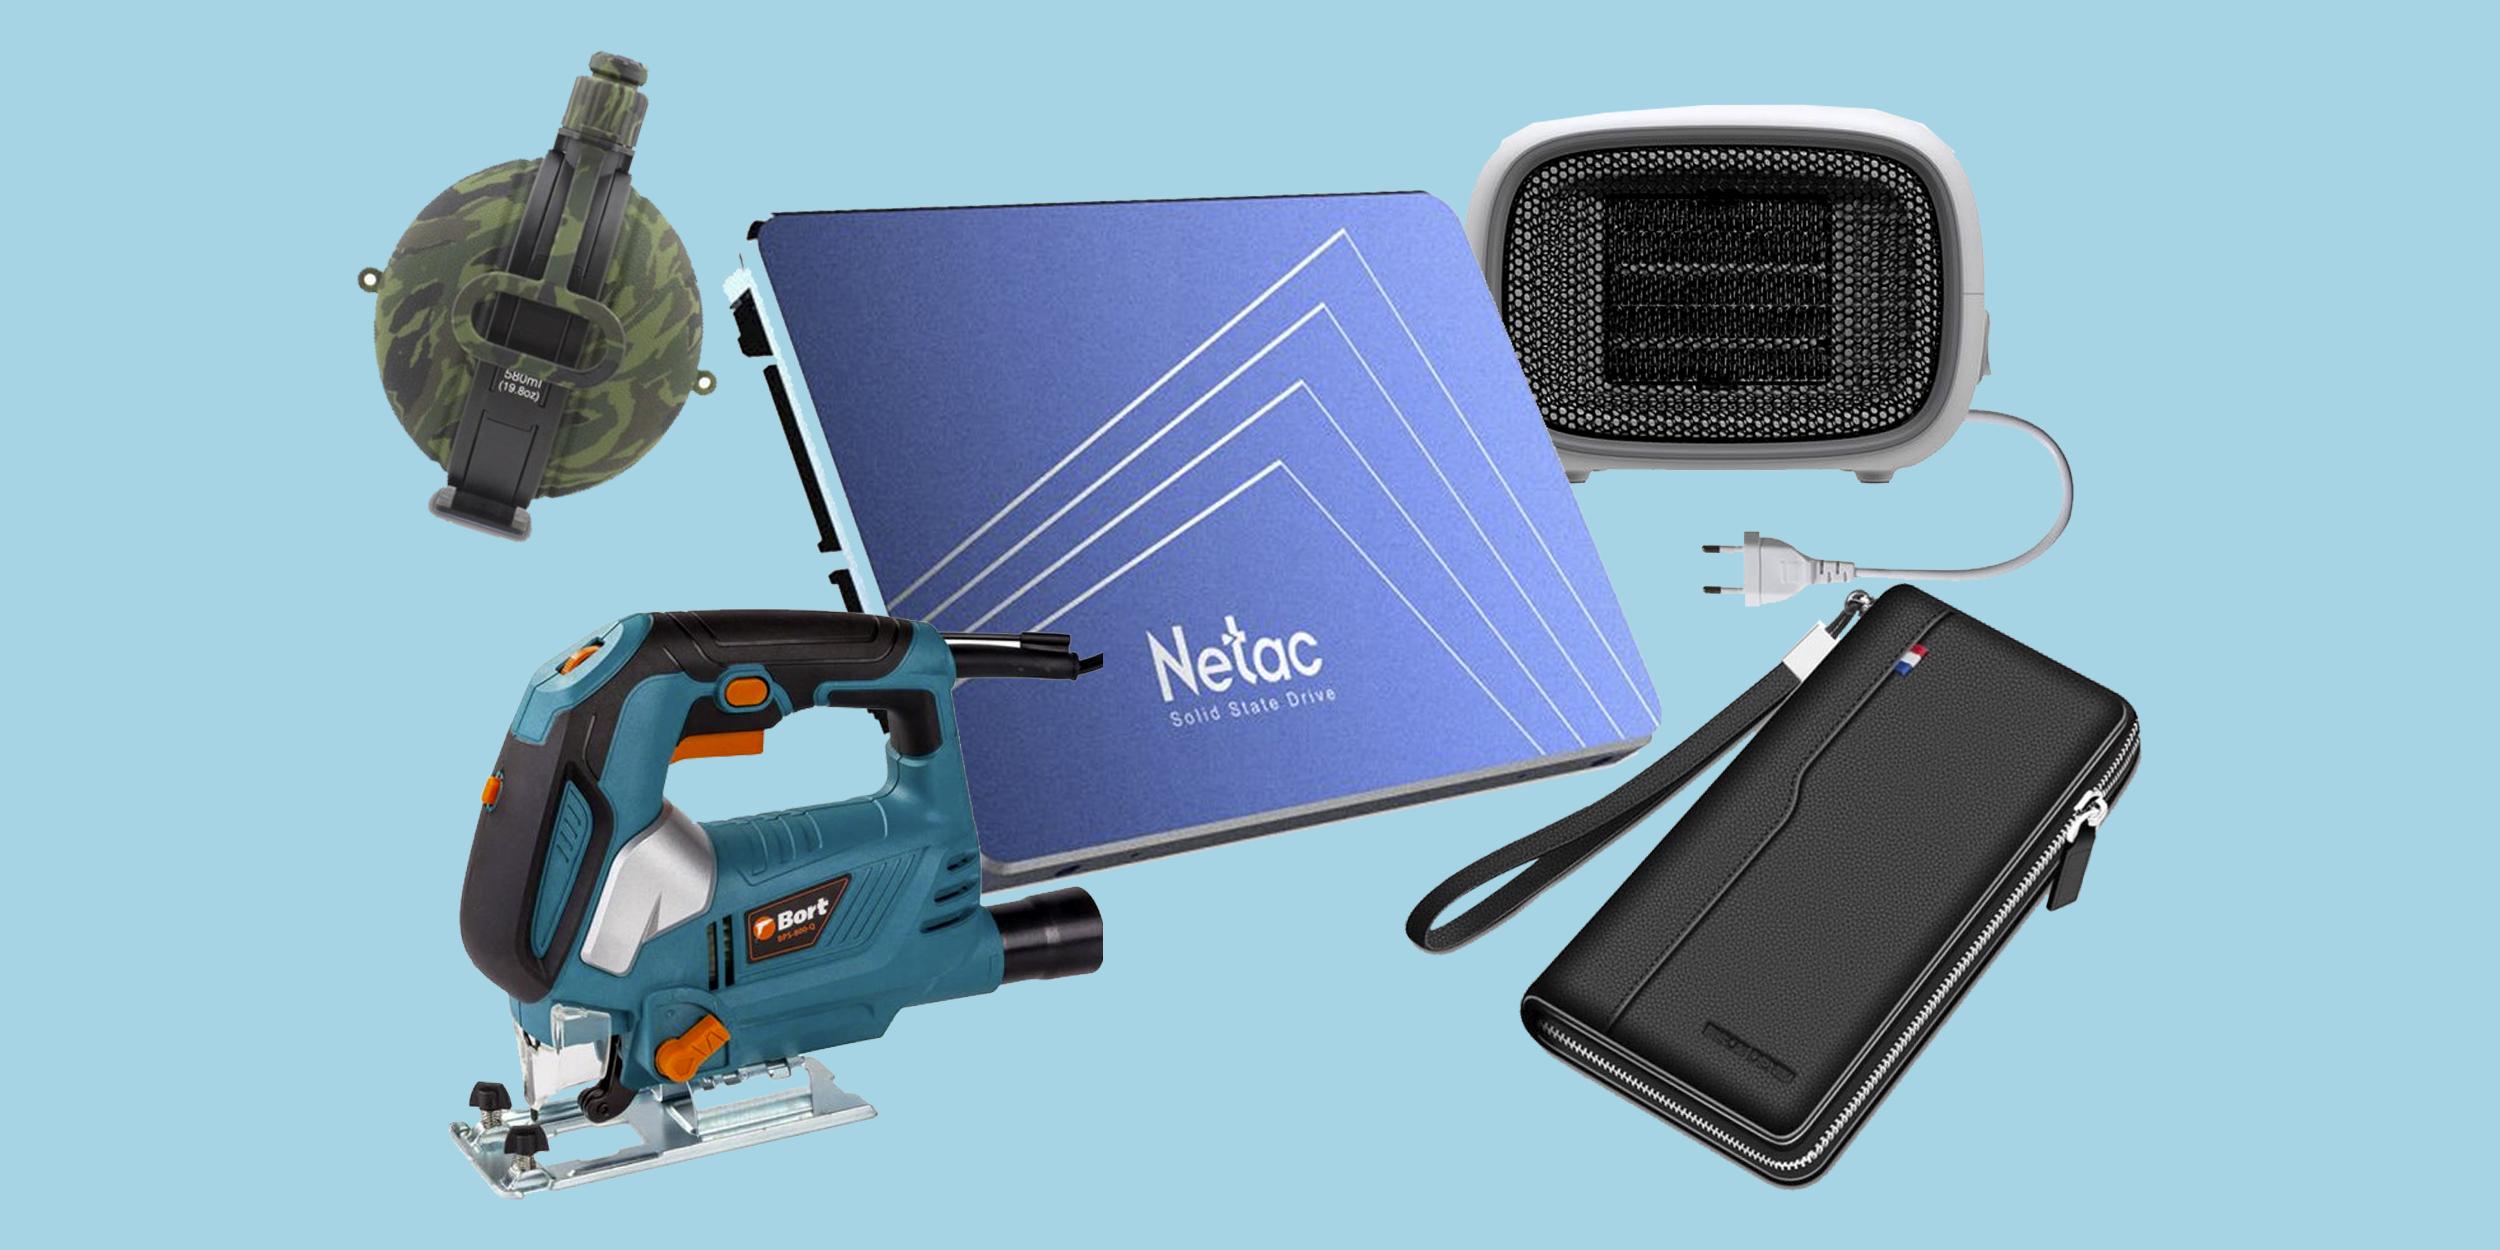 Всё для мужика: IP-камера, портативный монитор, фляга